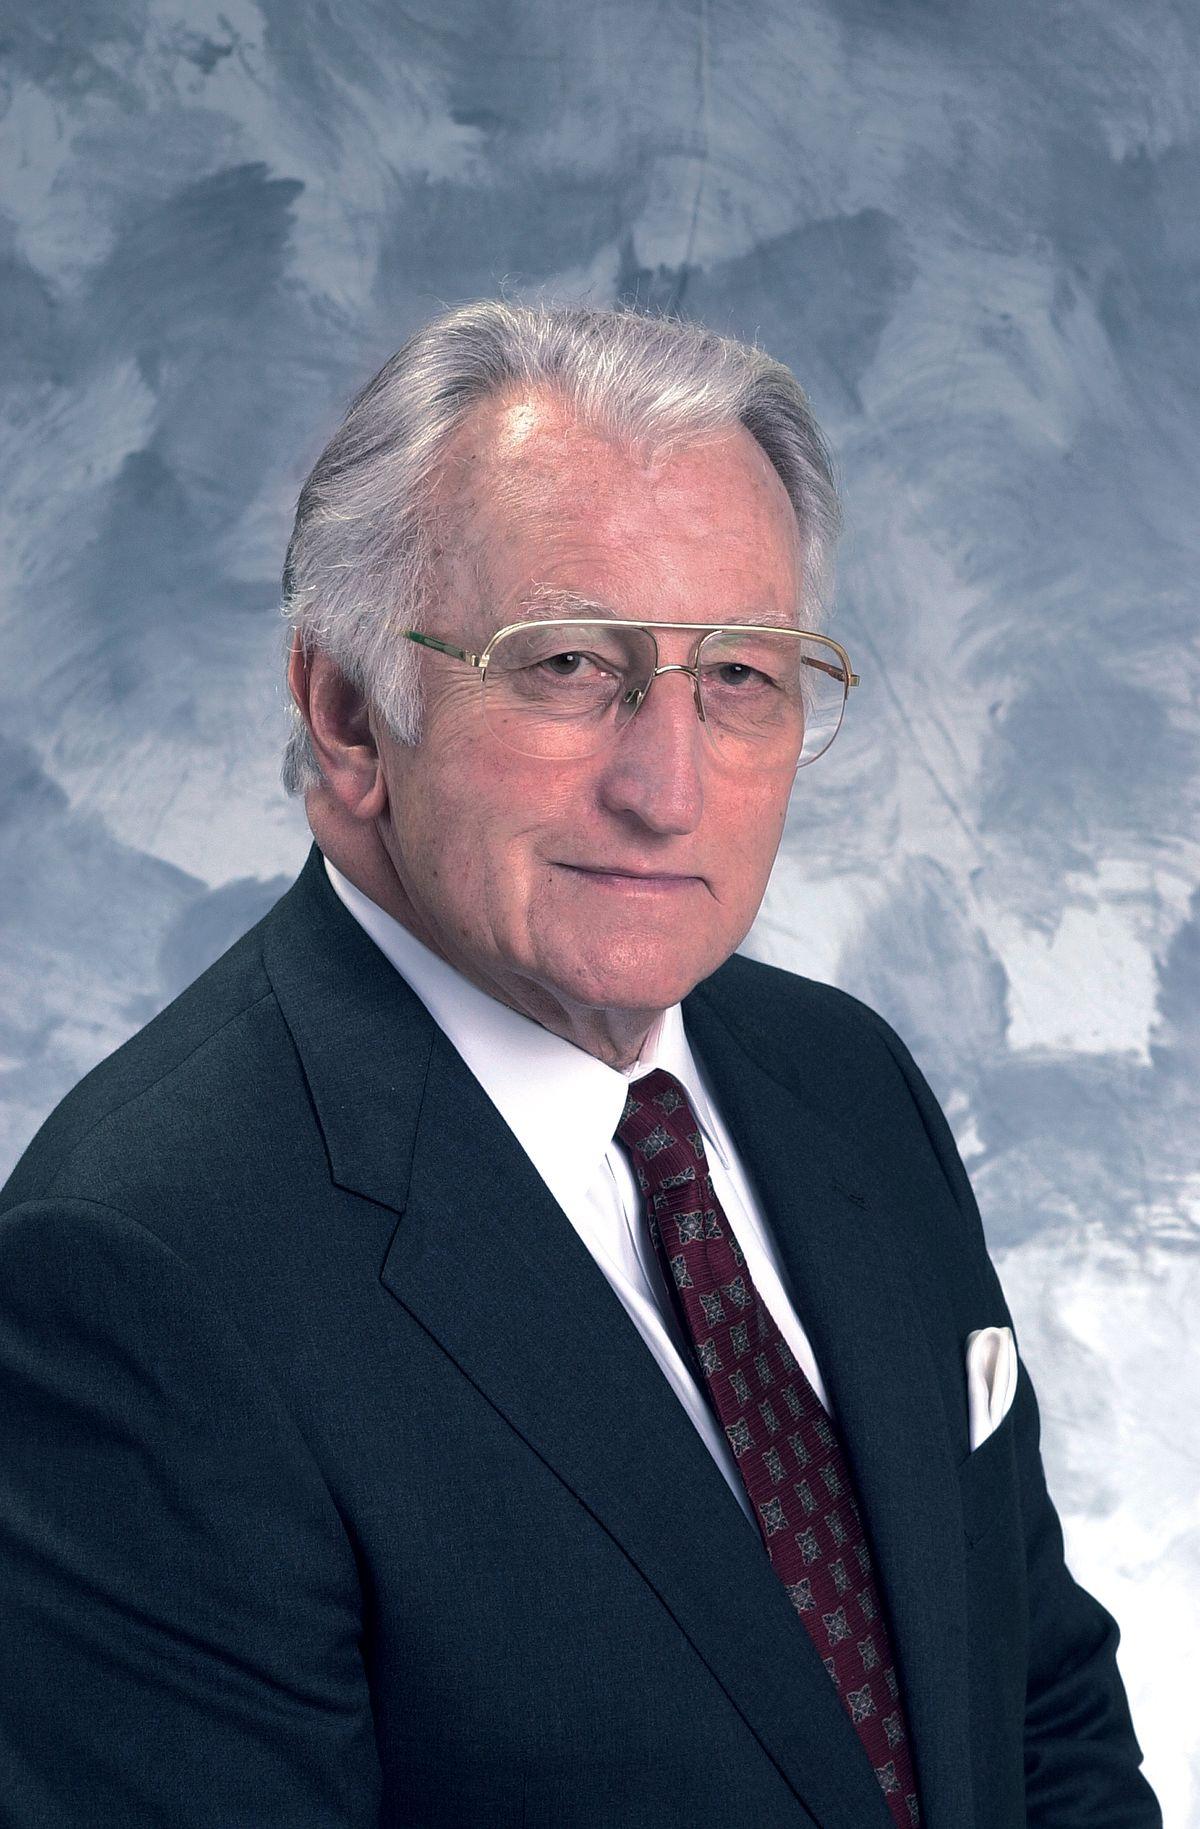 Philip Pumerantz - Wikipedia